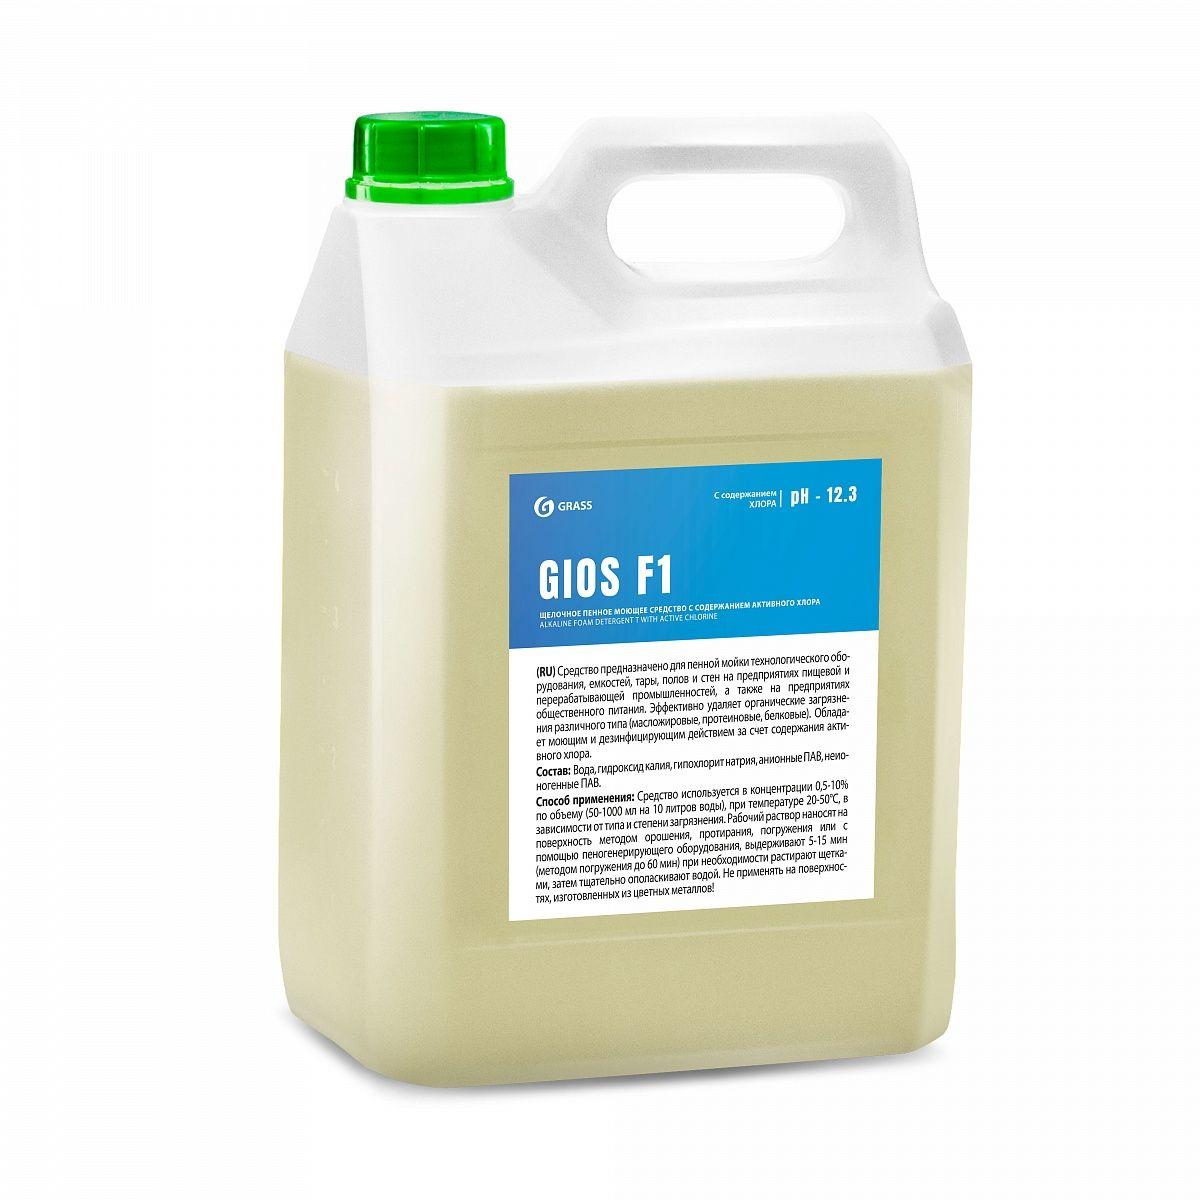 Щелочное пенное моющее средство с содержанием активного хлора GIOS F1 (канистра 5 л)